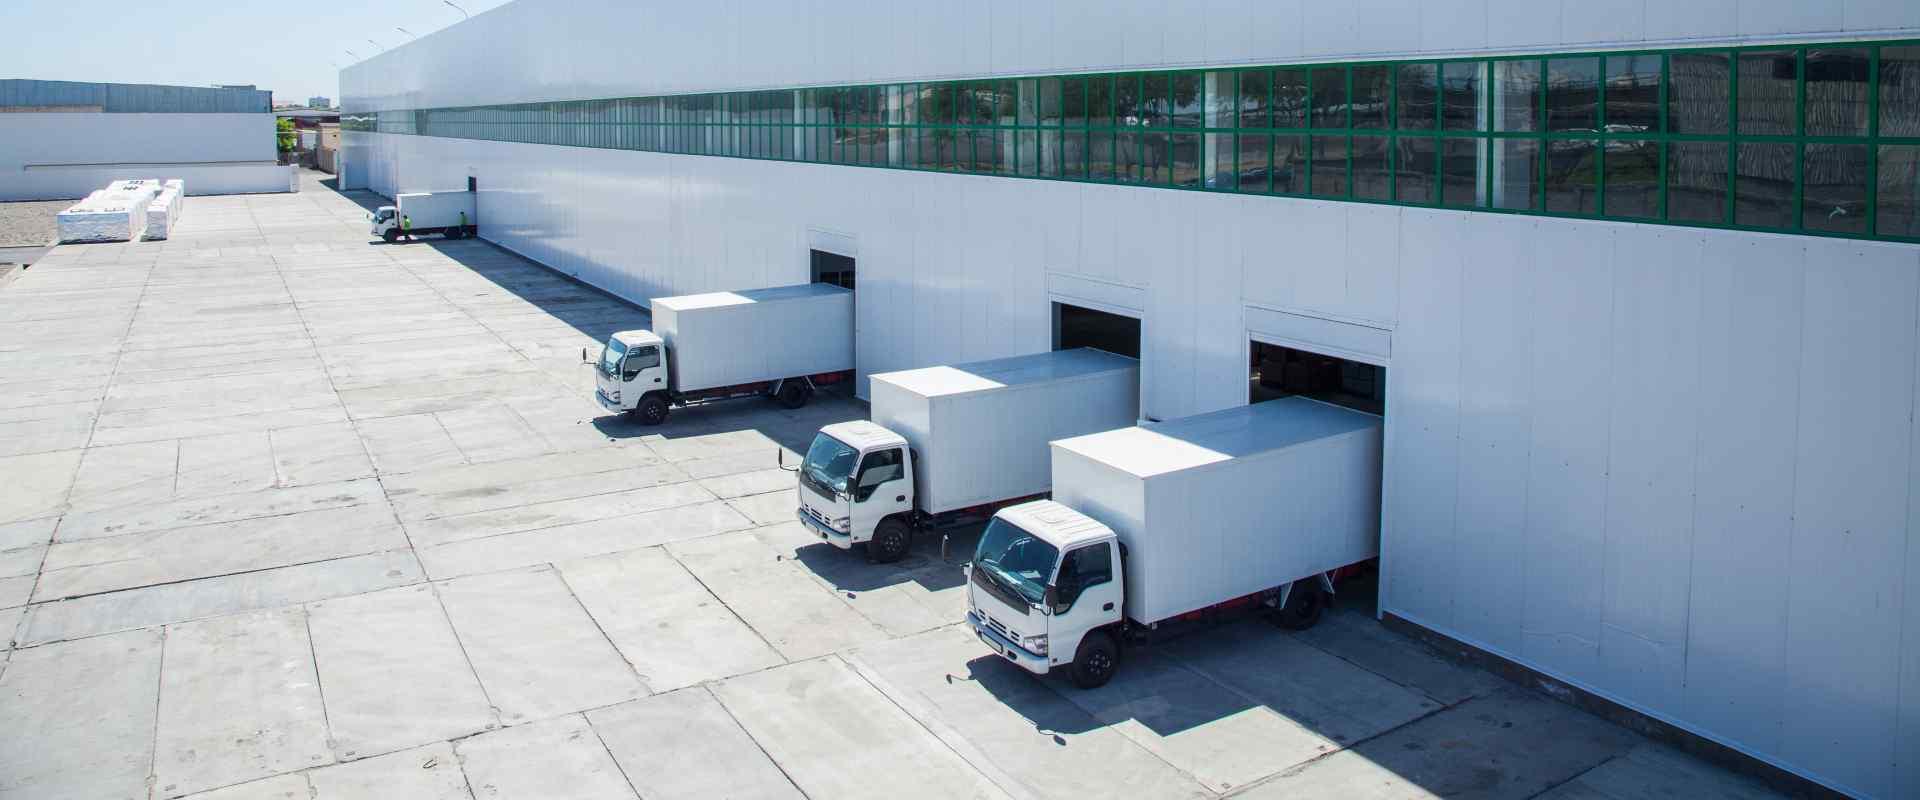 load planning